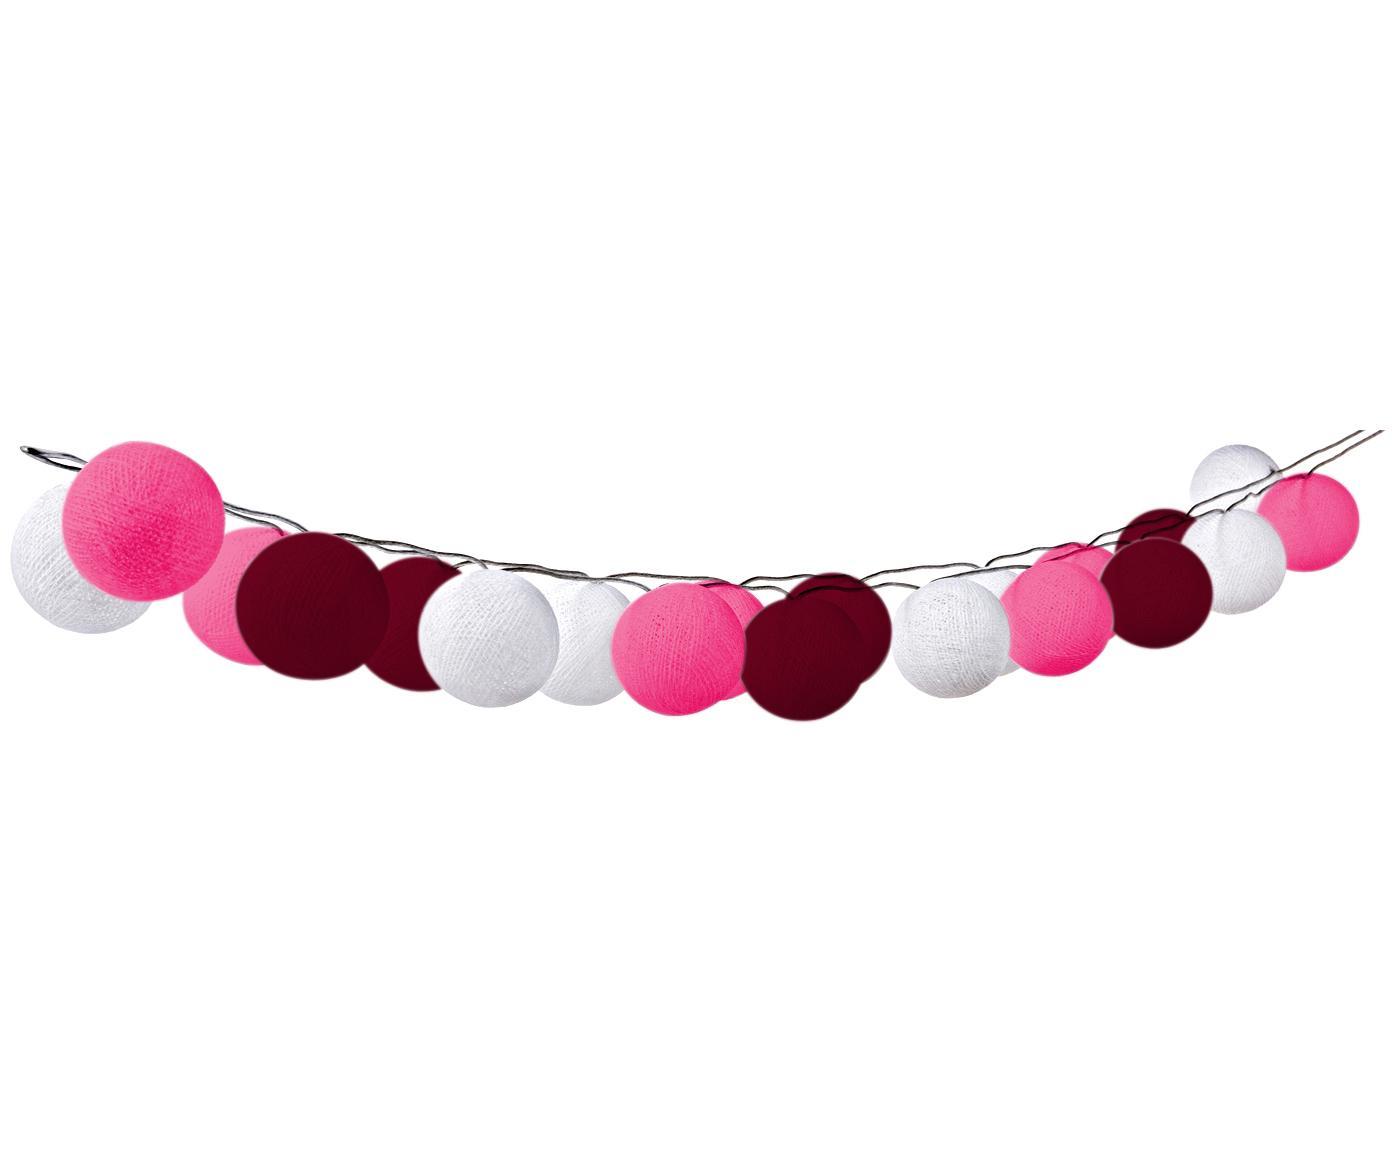 LED lichtslinger Bellin, Lampions: katoen, Roze, donkerrood, wit, L 320 cm